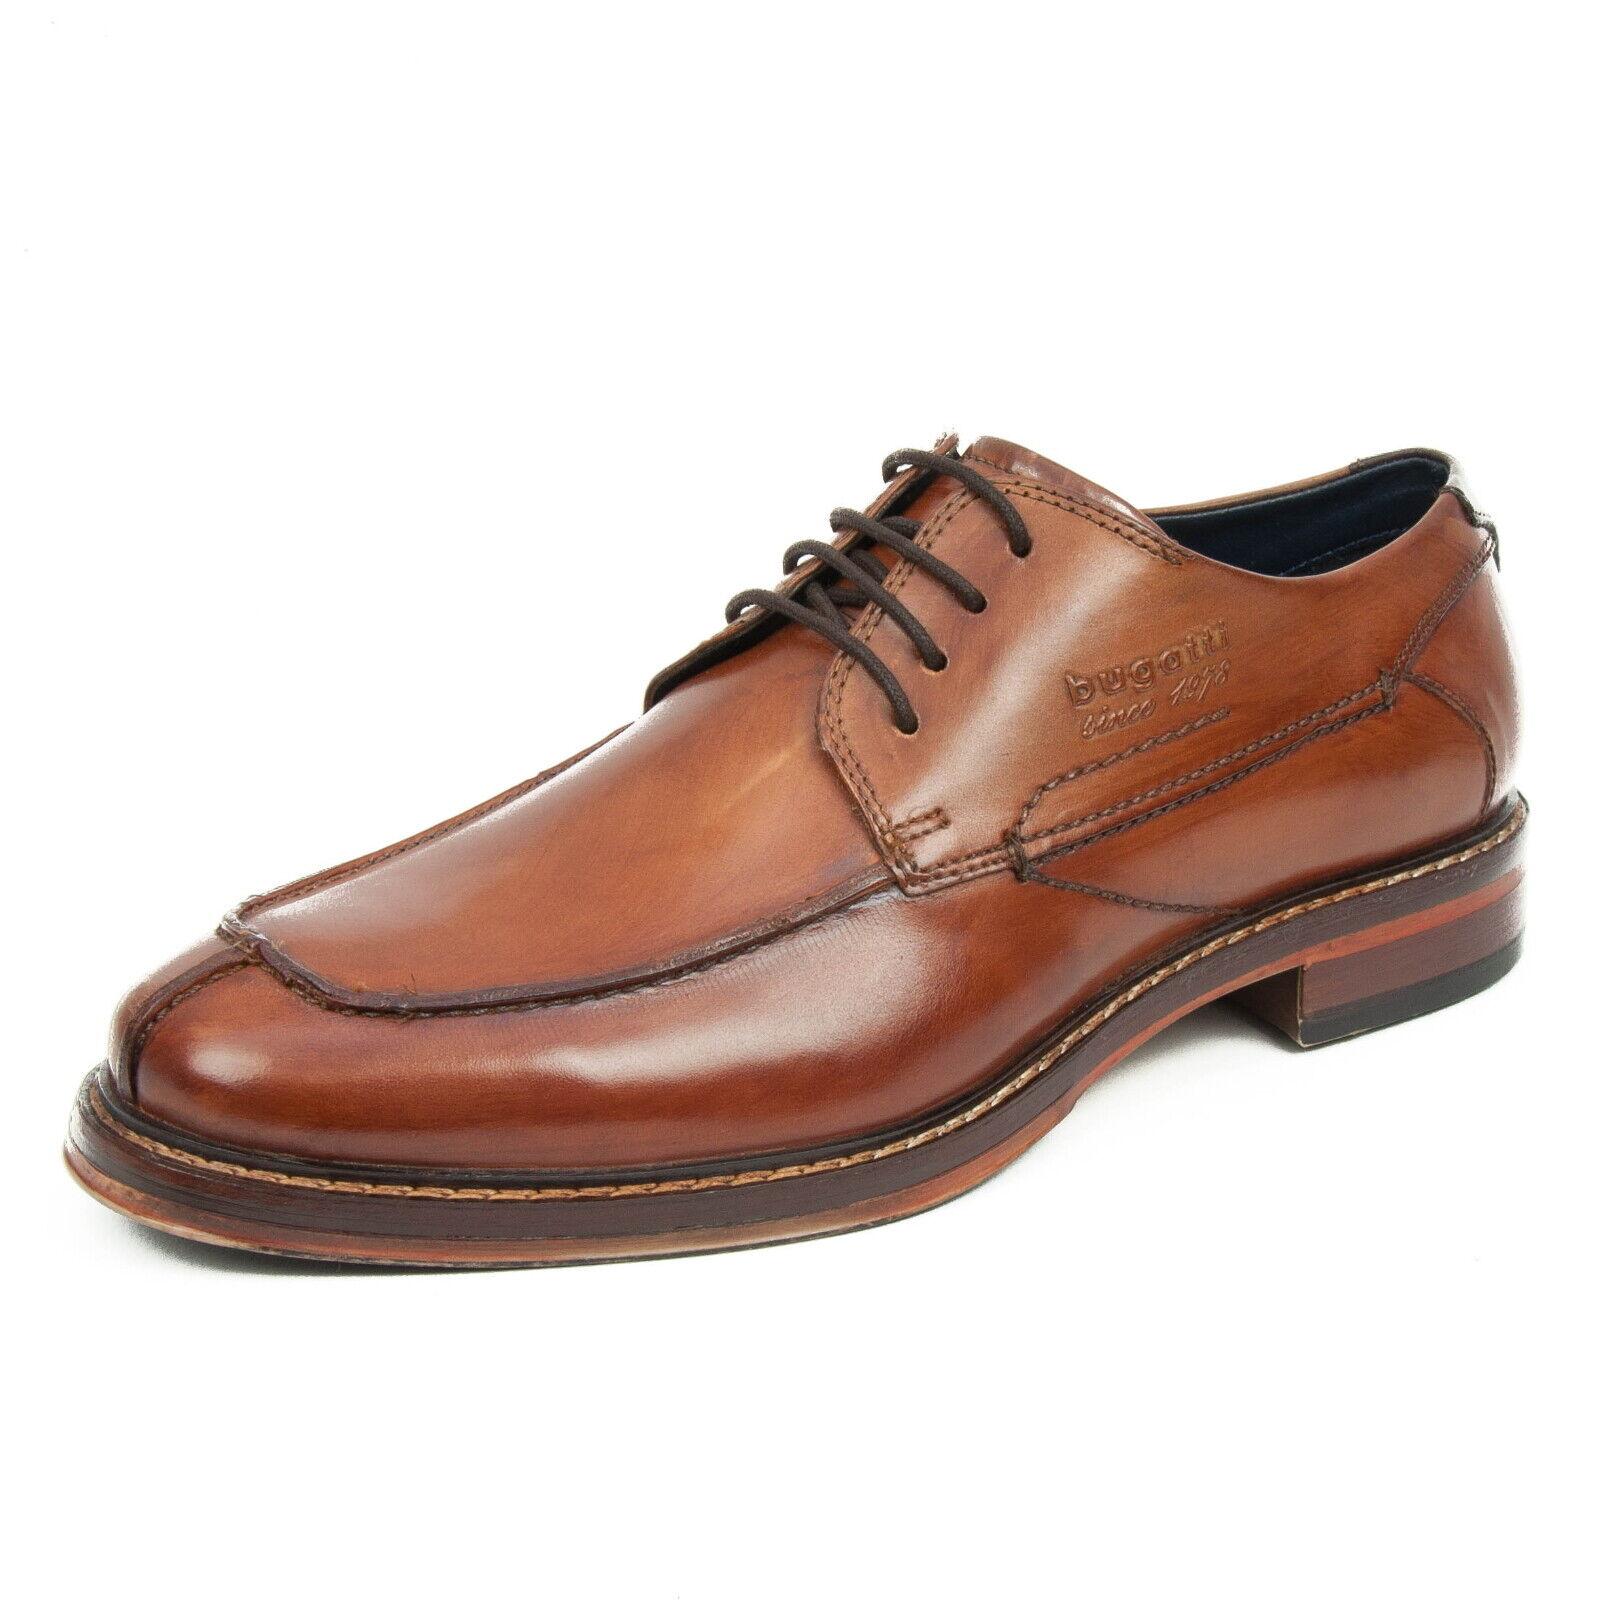 Bugatti caballero zapatos cuero Business zapato bajo cognac 311-37603-1100-6300